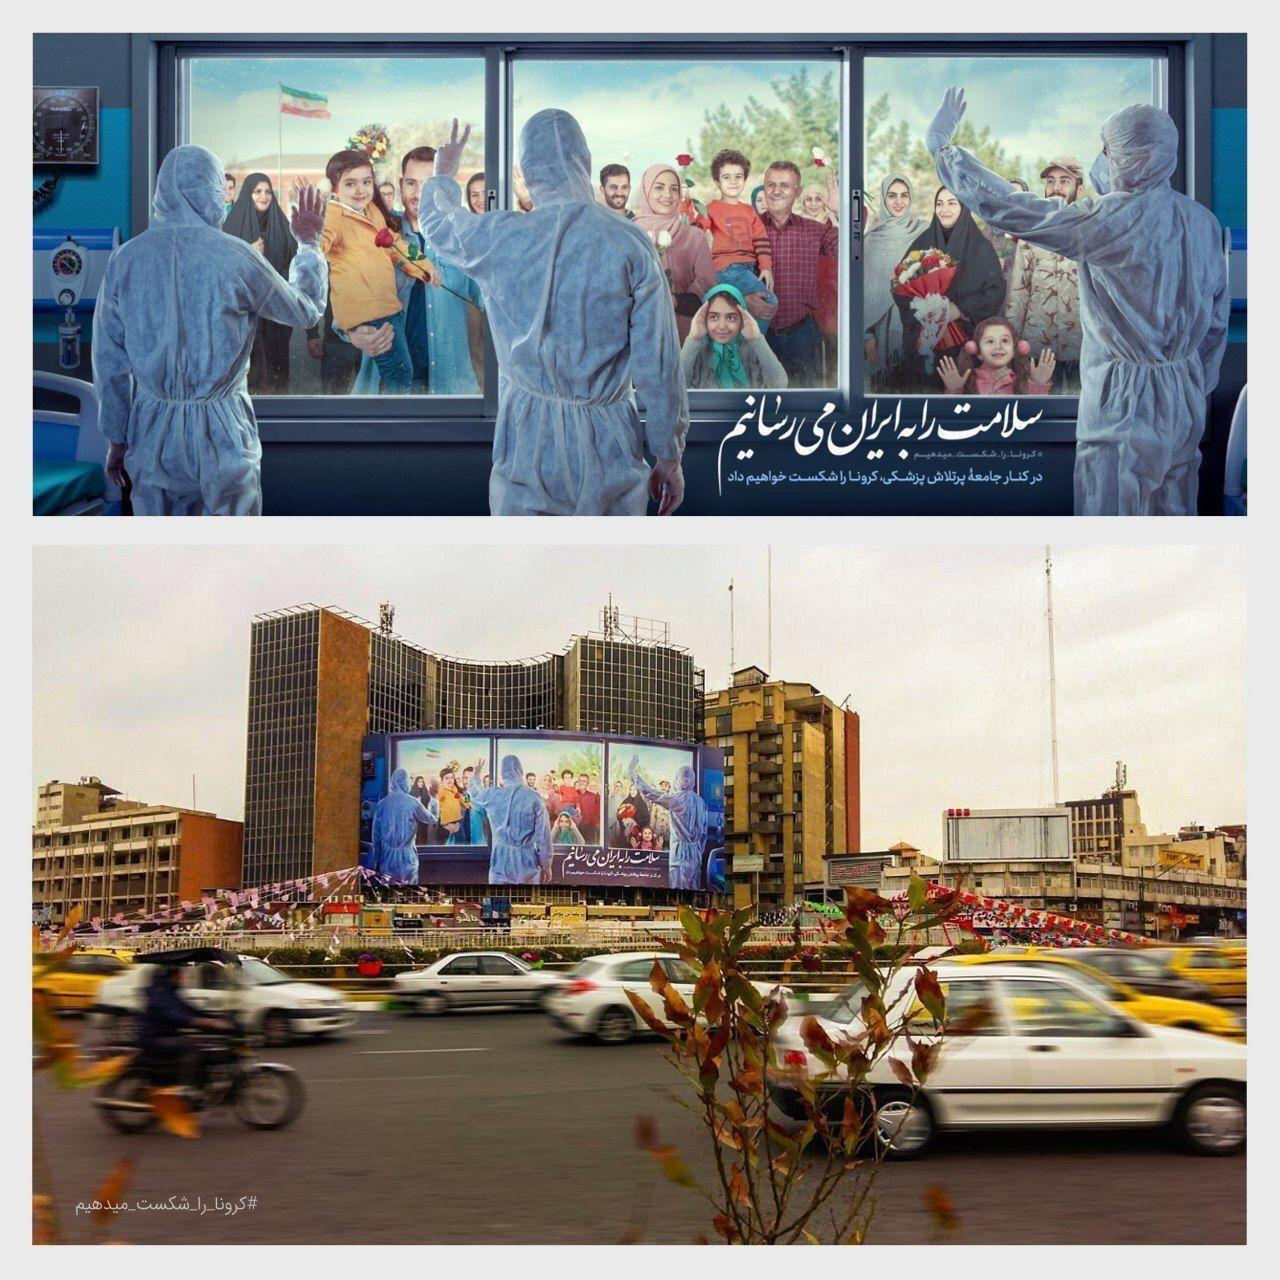 رونمایی از دیوارنگاره میدان ولیعصر (عج) با موضوع مقابله با کرونا